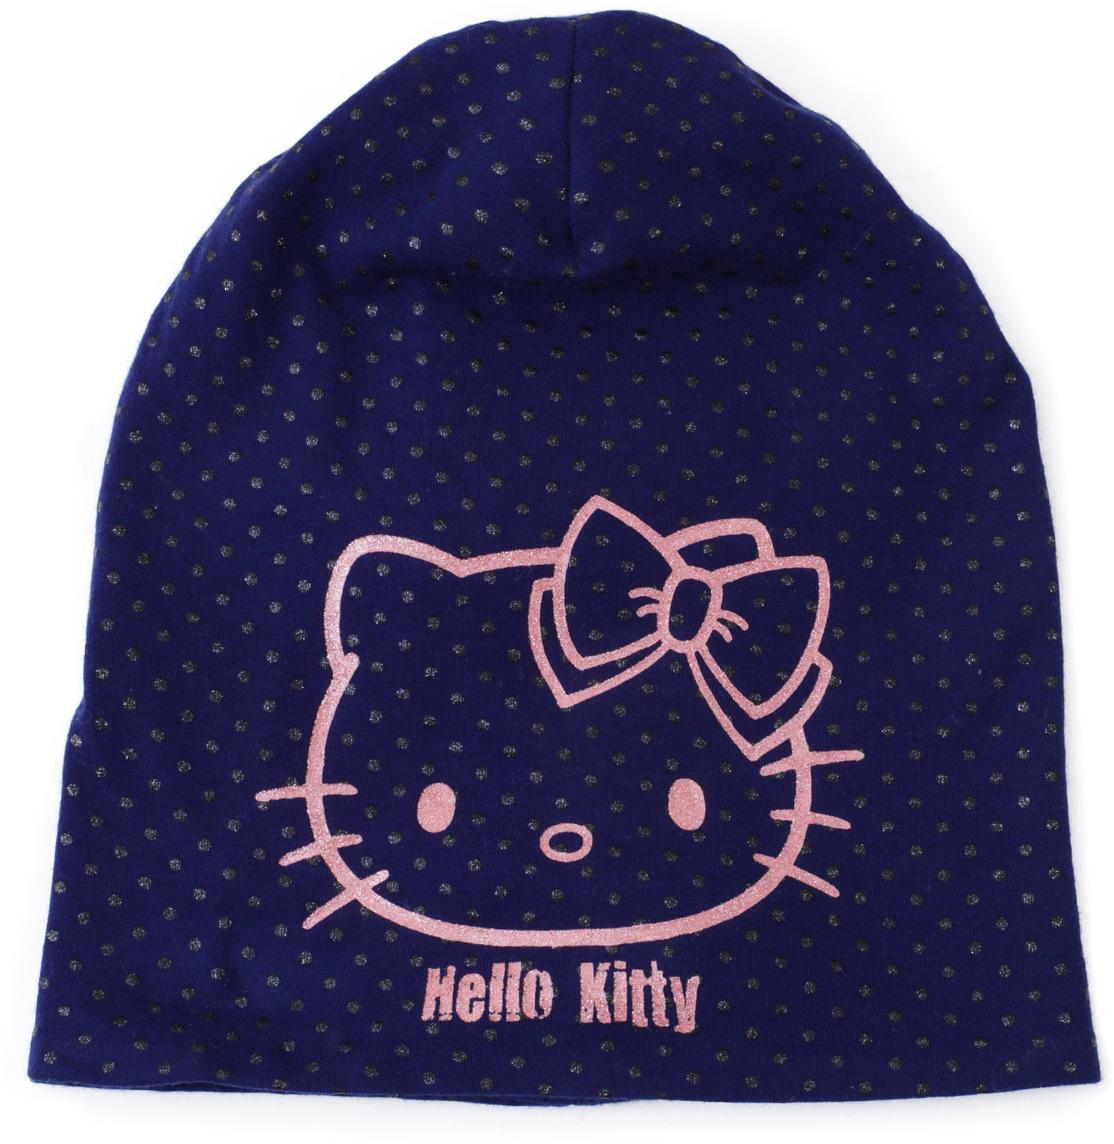 Шапка для девочки PlayToday, цвет: розовый, темно-синий, черный. 682055. Размер 56682055Двуслойная шапка выполнена из натурального хлопка. Модель без завязок. Хорошо облегает голову. Декорирована лицензированным глиттерным принтом.